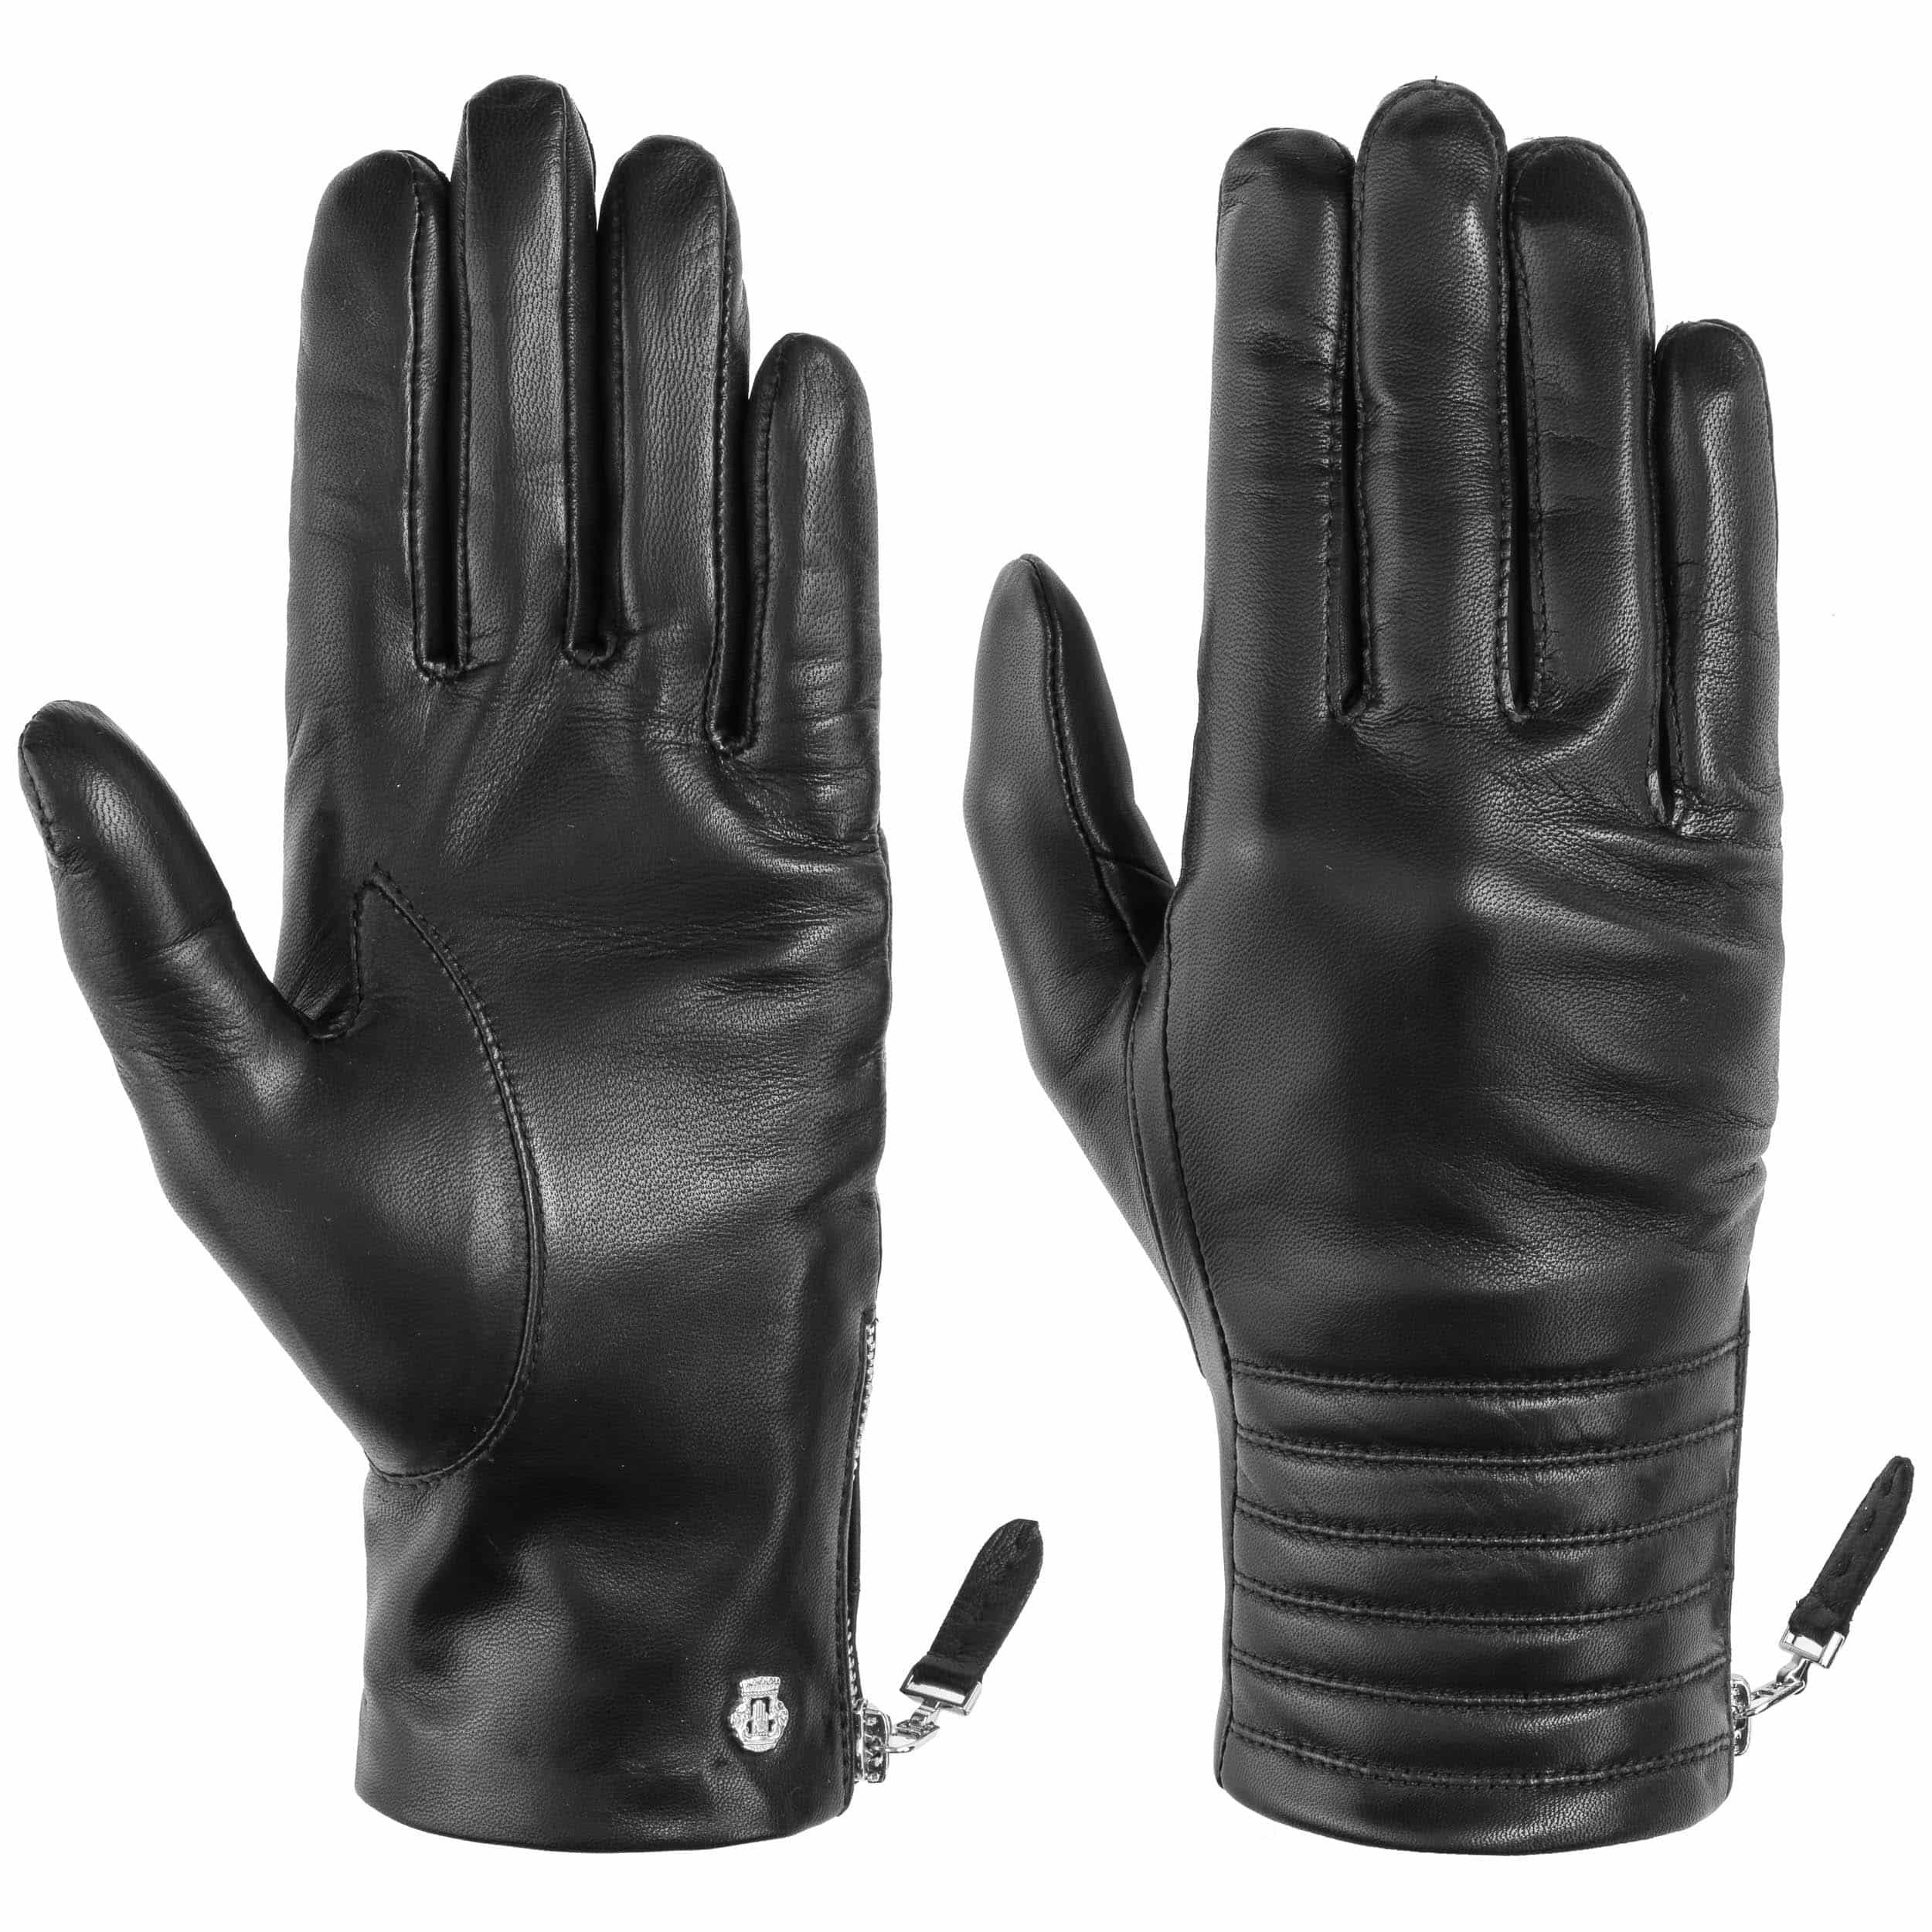 Prezzo del 50% scarpe da corsa migliore qualità Guanti in Pelle Wrist Zip by Roeckl